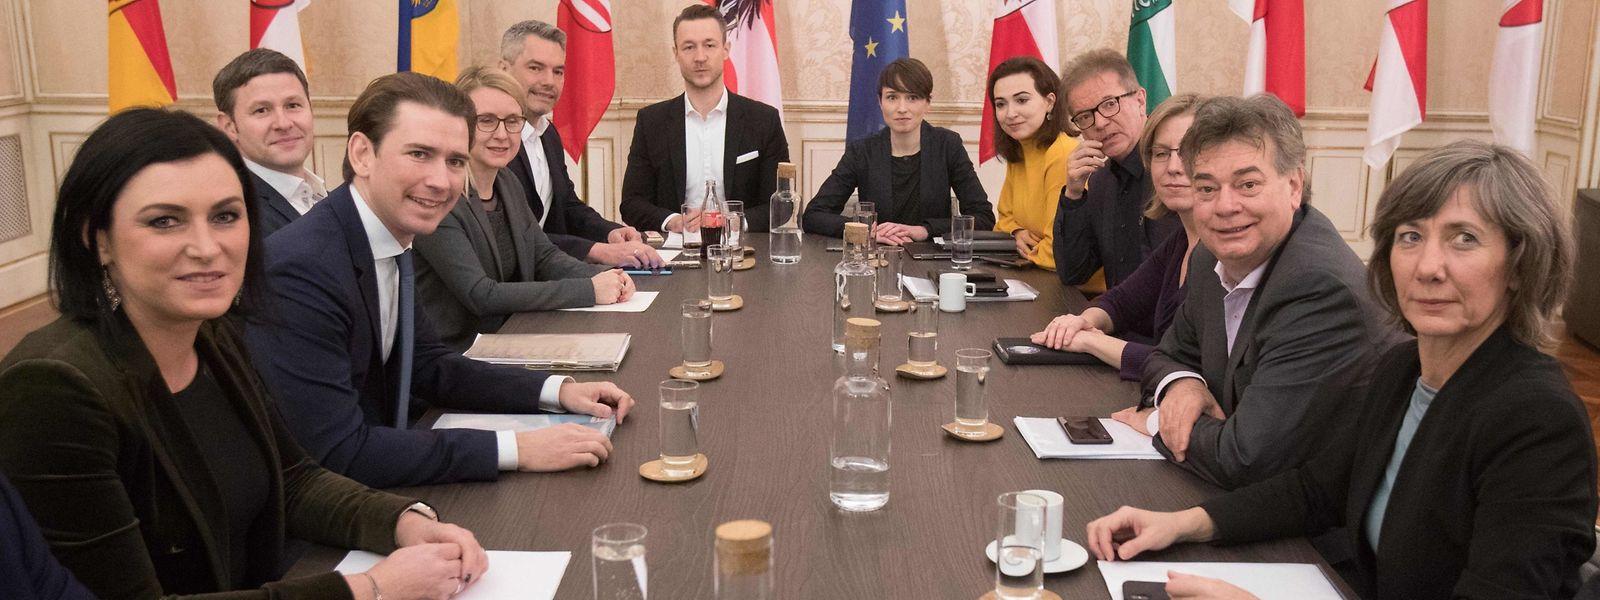 ÖVP-Chef Sebastian Kurz (2.v.l.) und Grünen-Chef Werner Kogler (2.v.r.) bei den Koalitionsgesprächen in Wien.